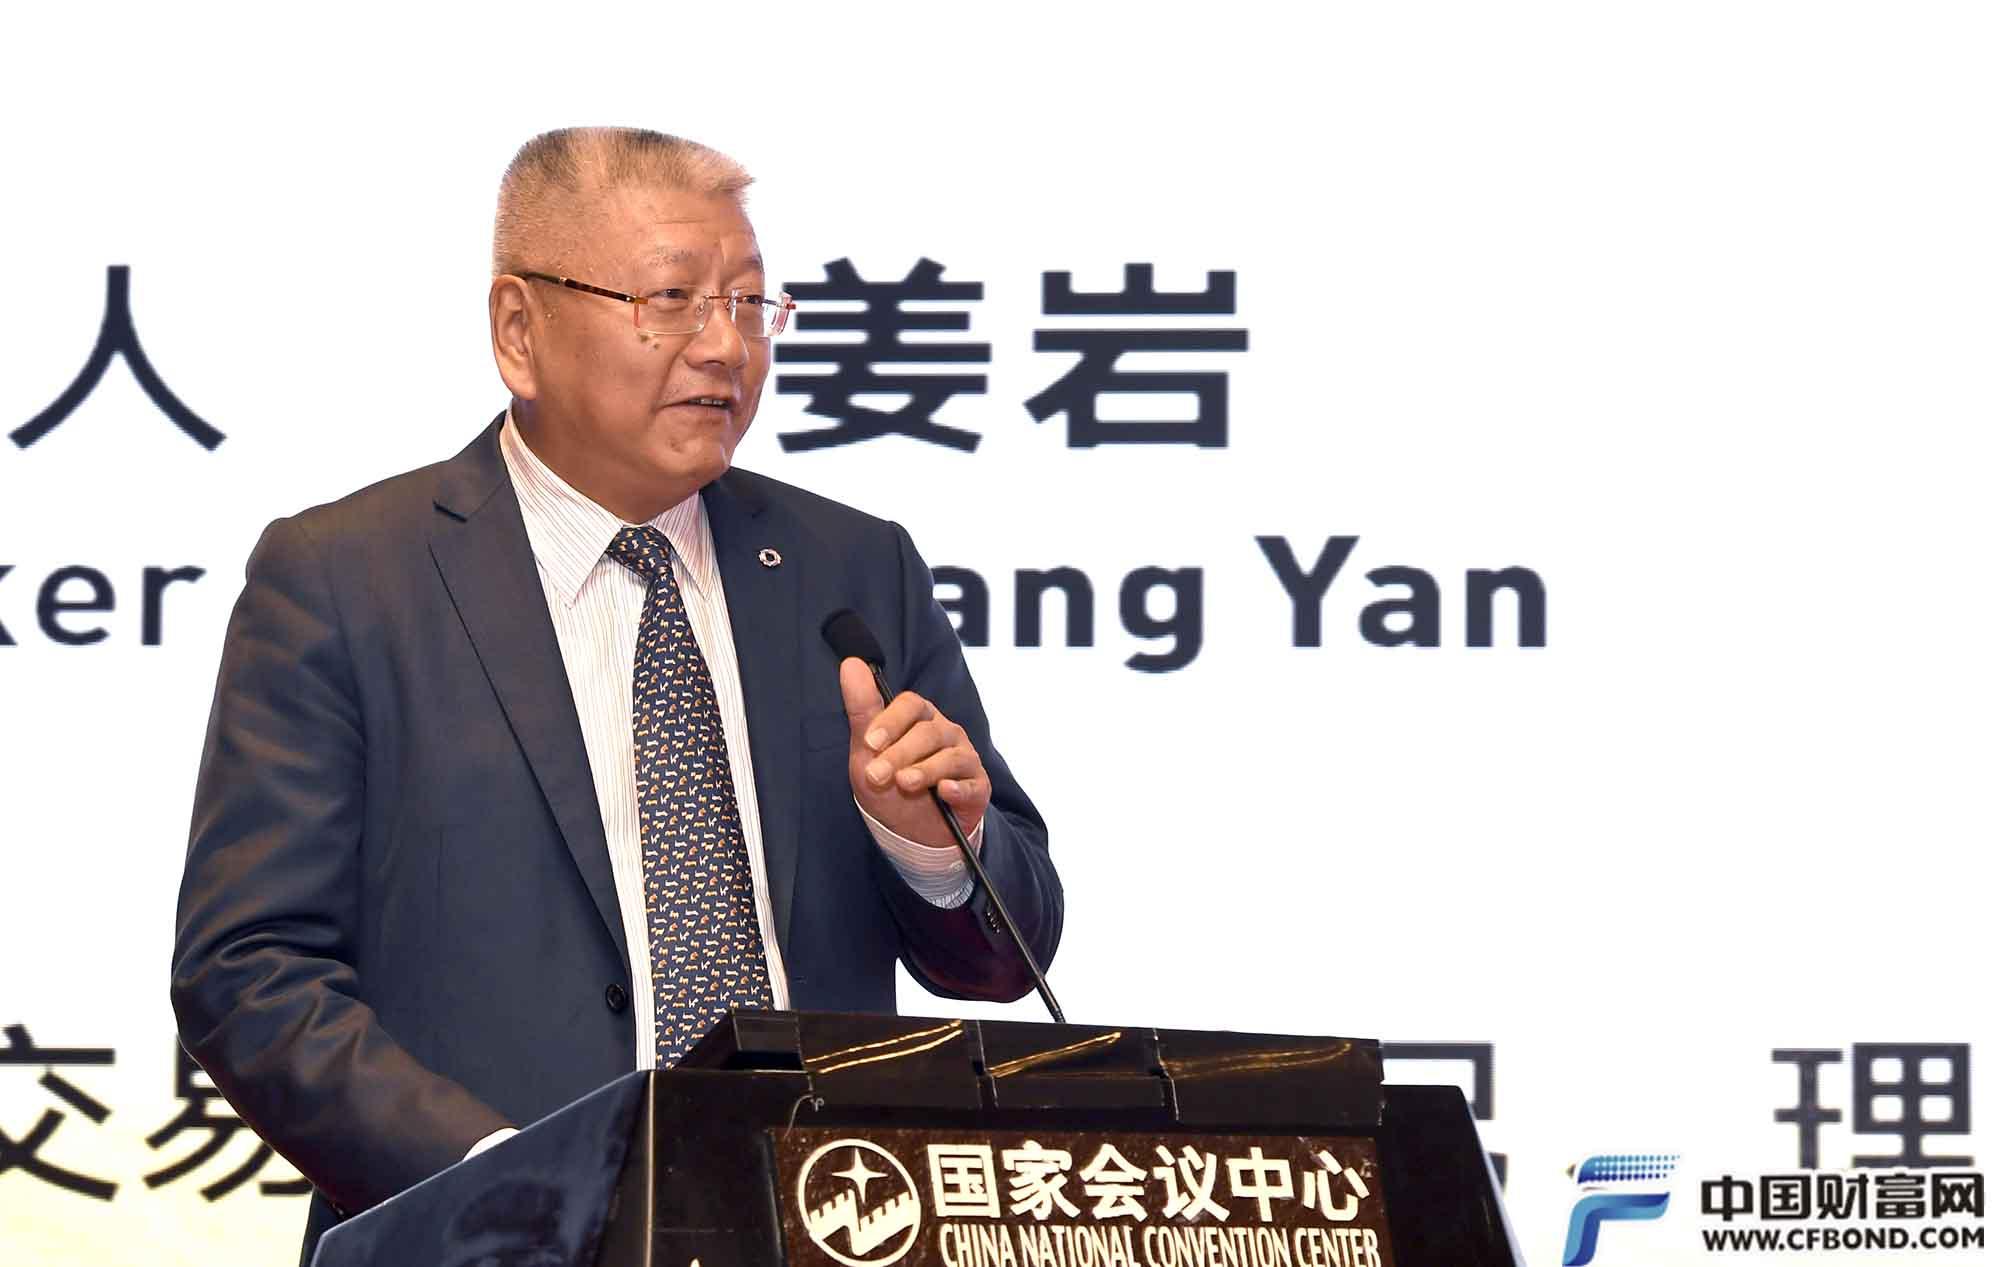 上海期货交易所理事长姜岩发表主题演讲